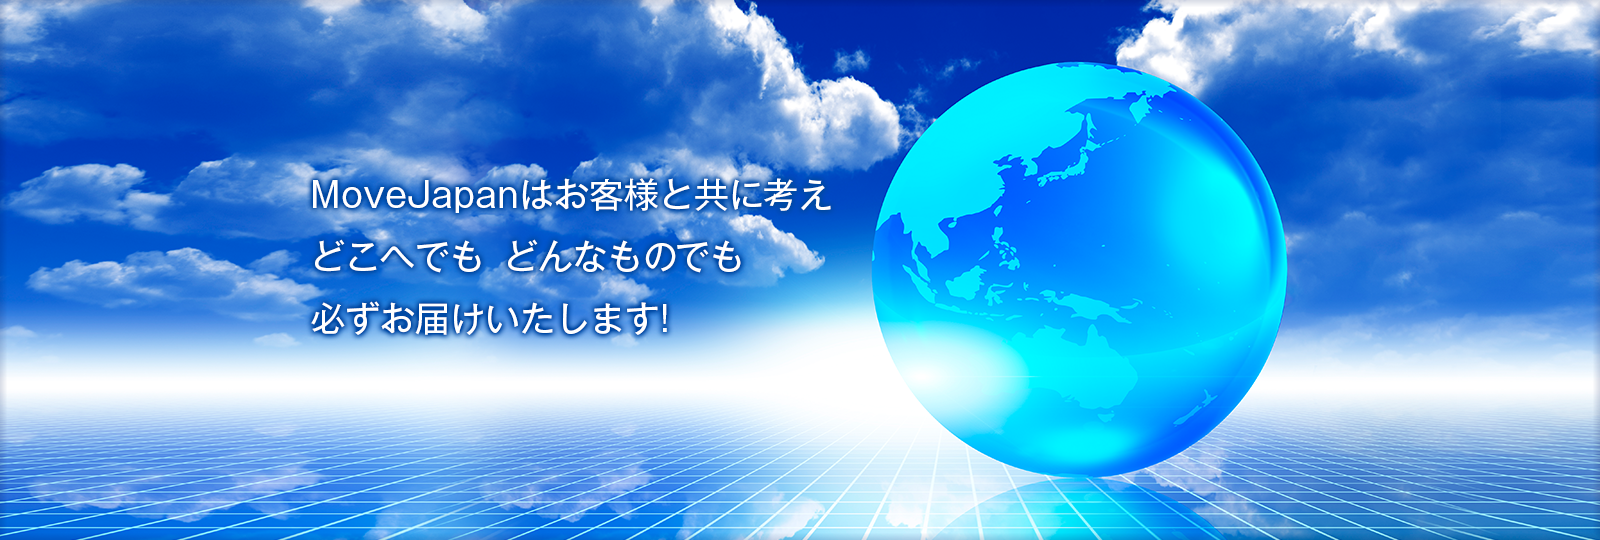 ムーヴ・ジャパン株式会社はお客様と共に考えどこへでもどんなものでも必ずお届けいたします!